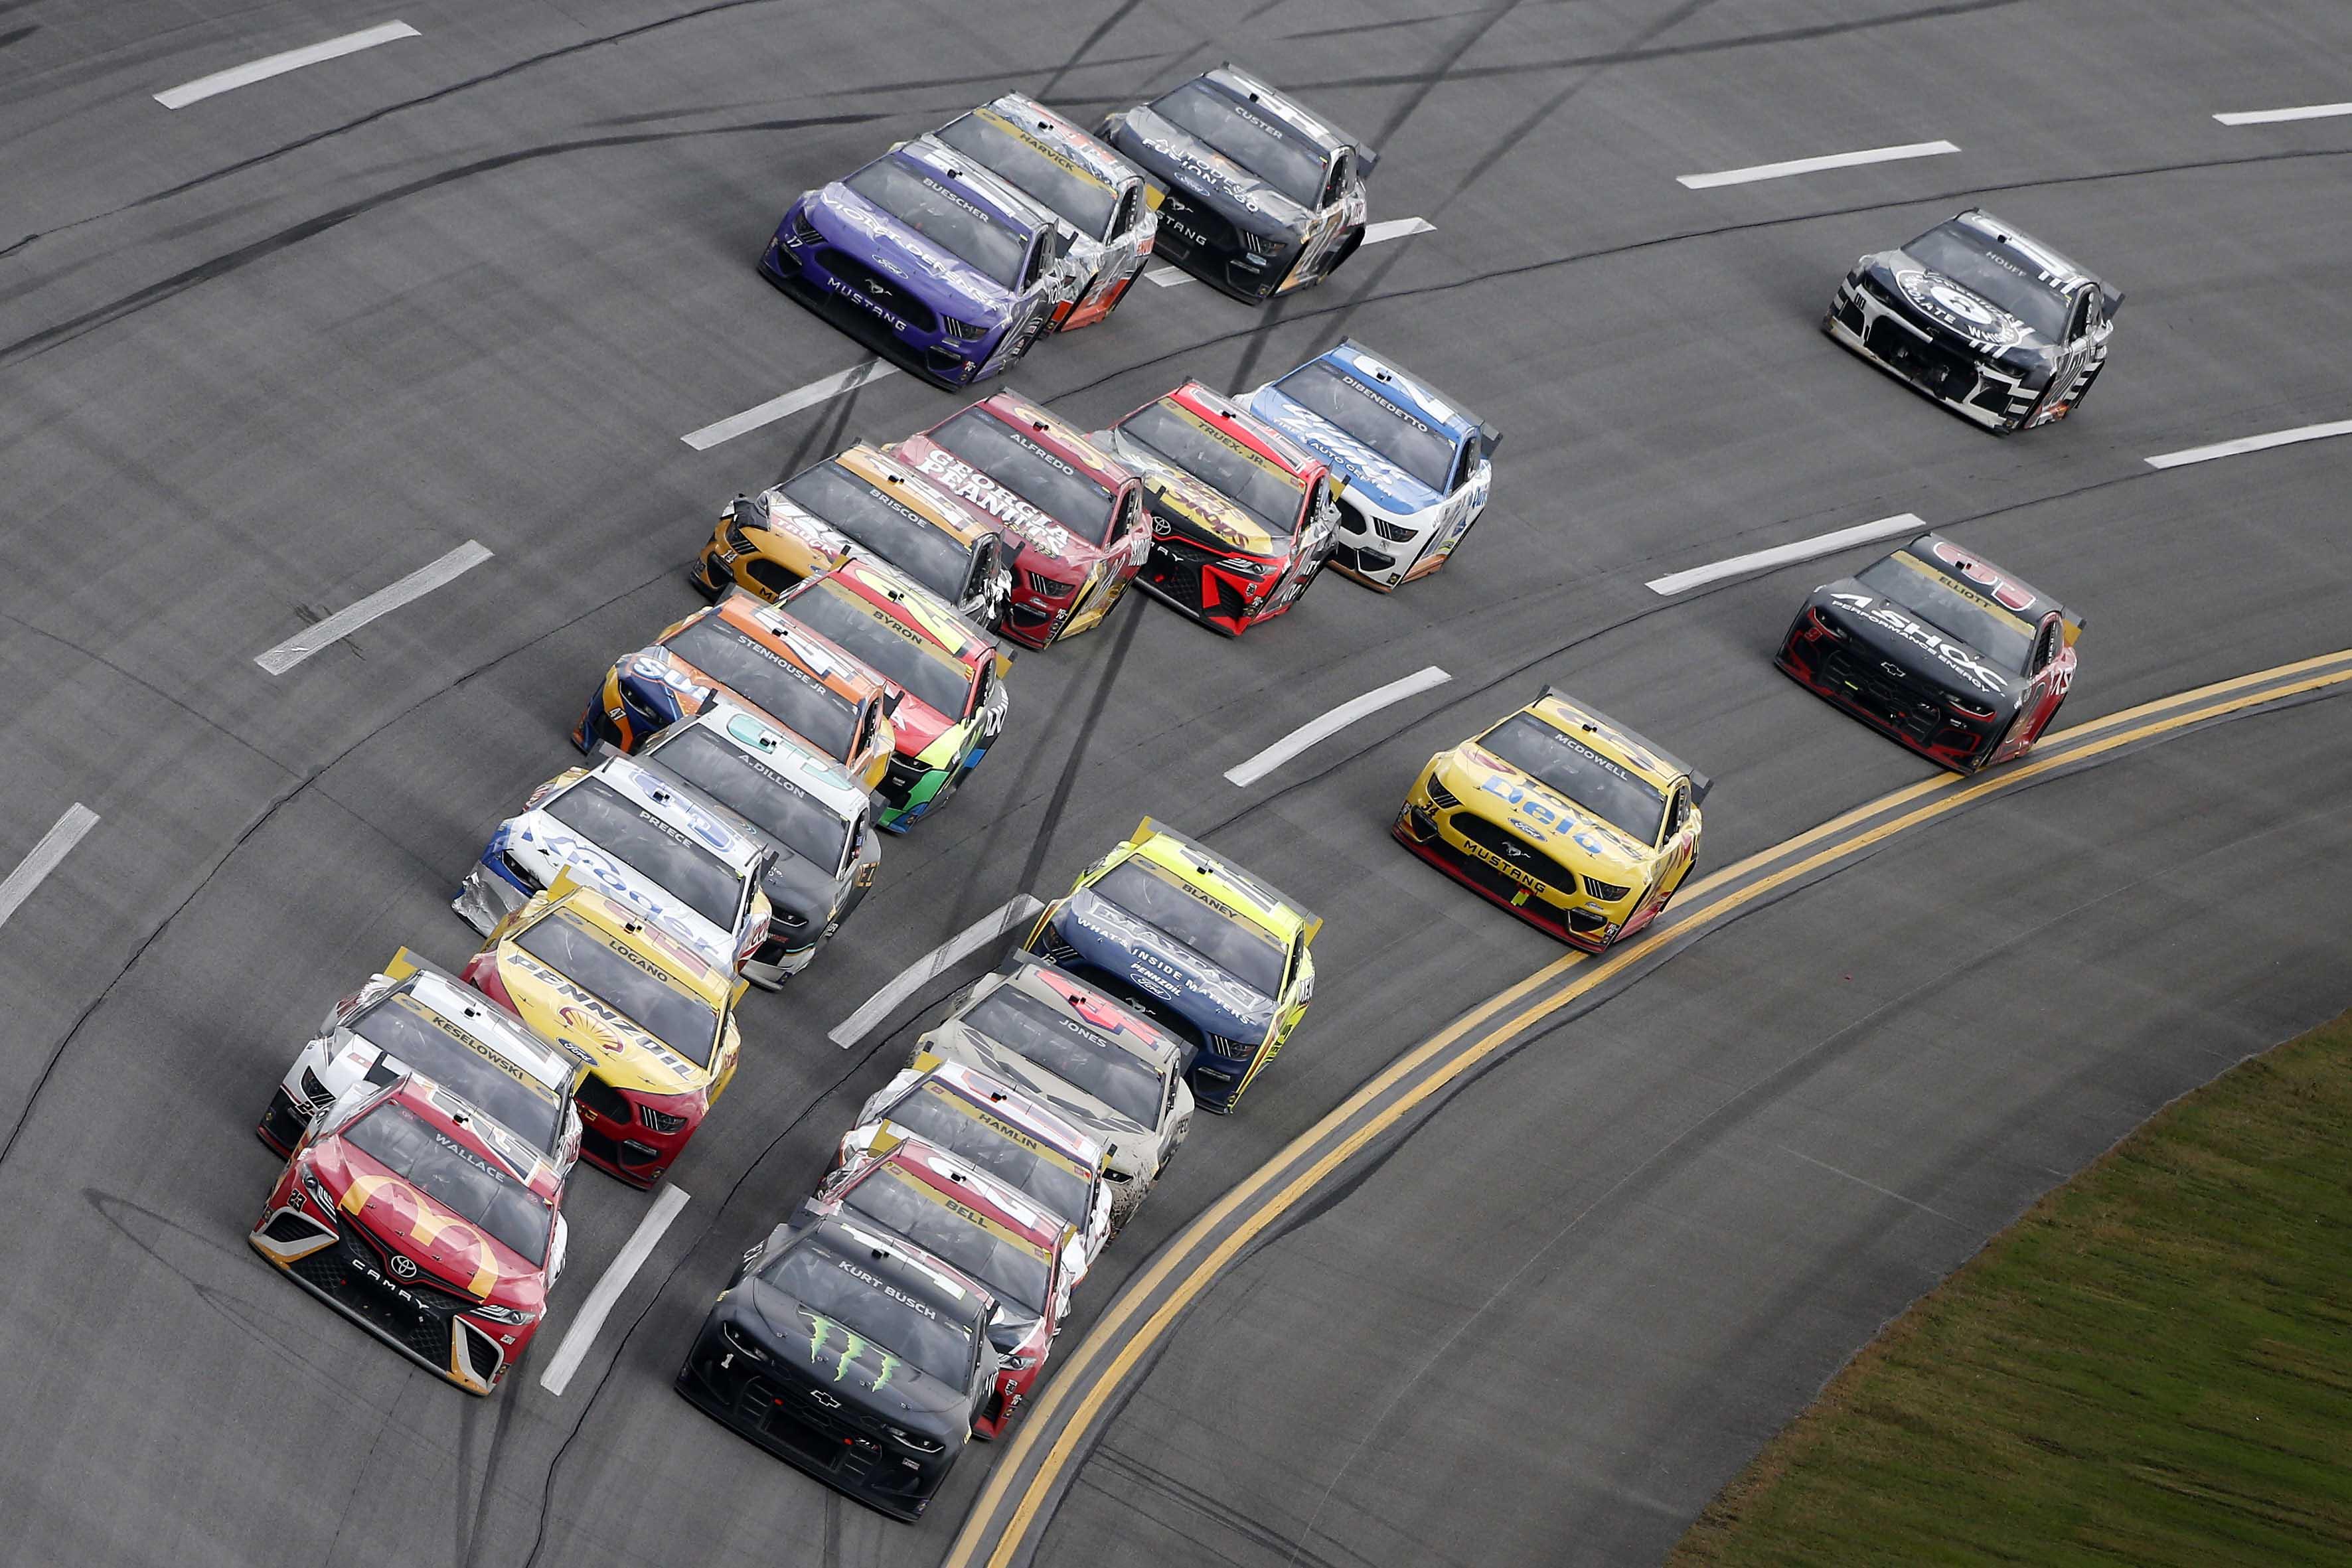 Bubba Wallace, Kurt Busch - Talladega Superspeedway - NASCAR Cup Series